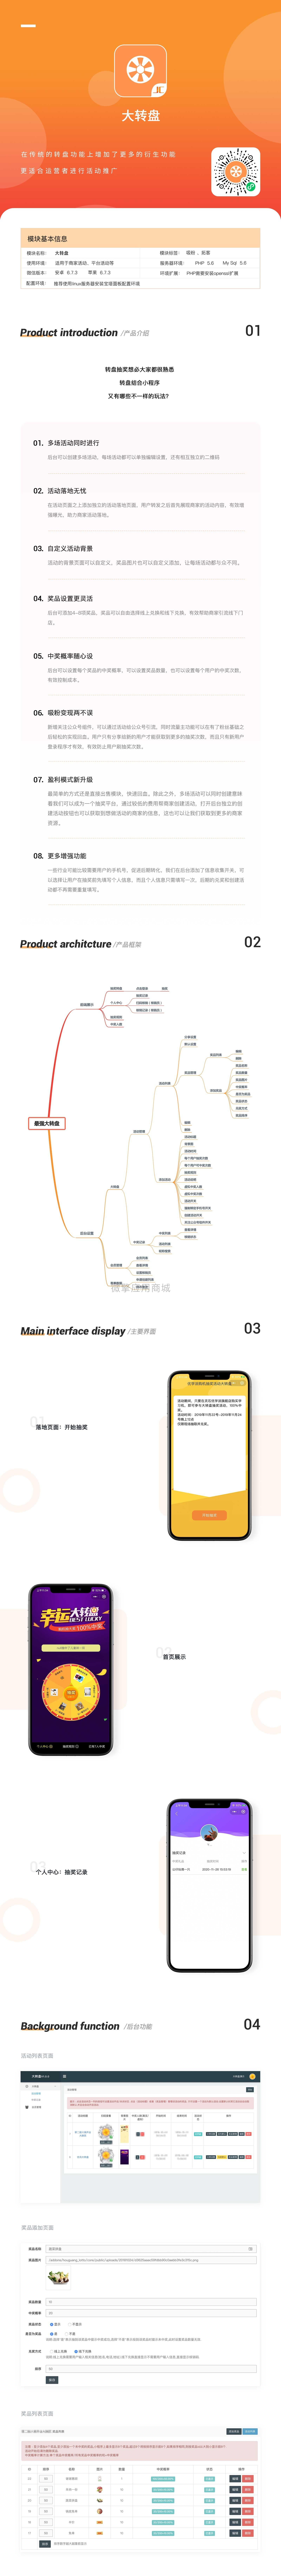 大转盘功能展示图.jpg